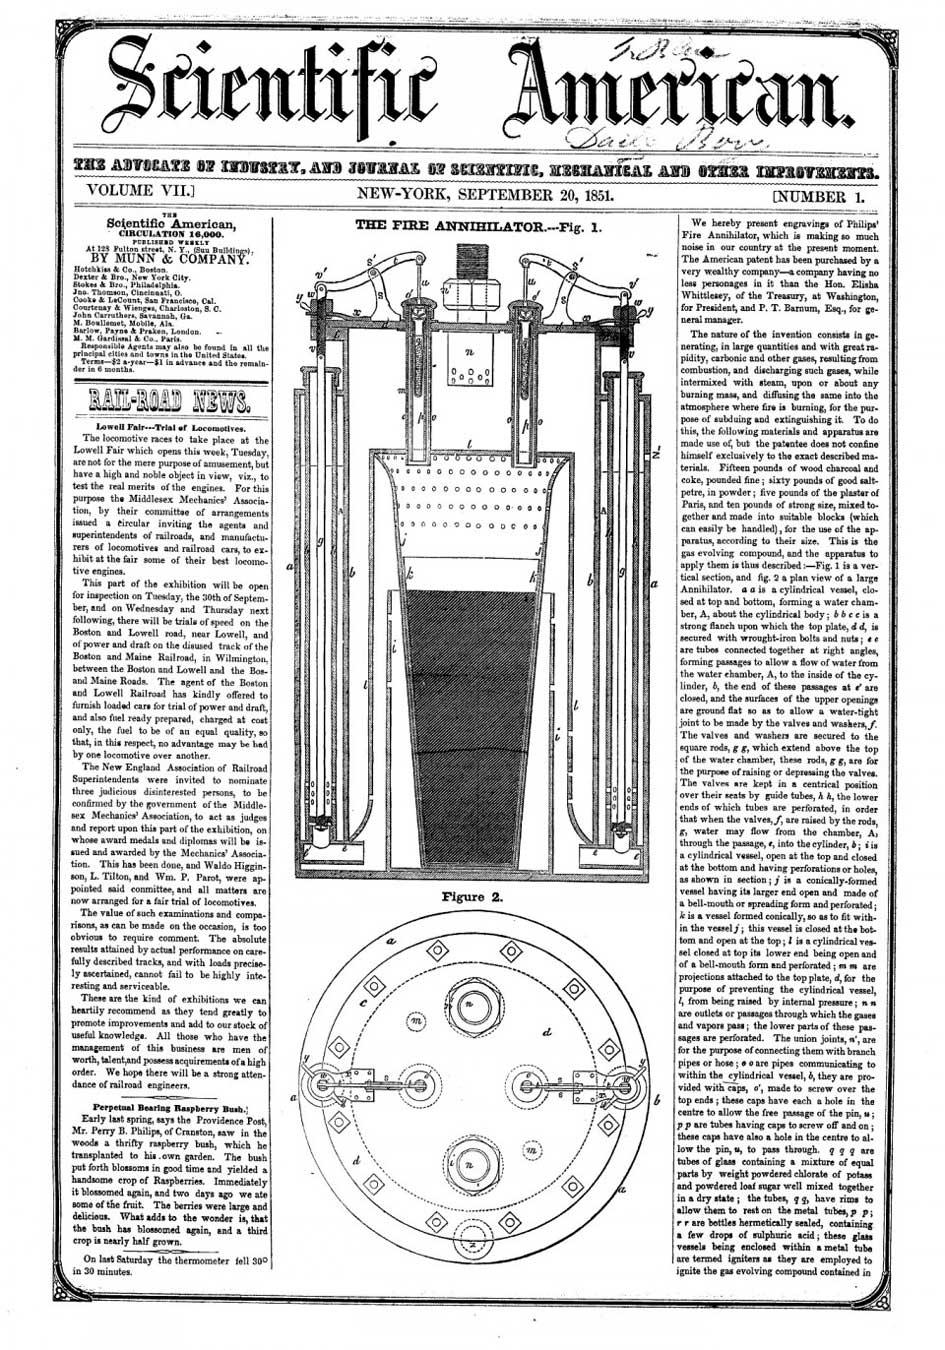 «Уничтожителя Огня» (Fire Annihilator) Филипса. Иллюстрация из газеты «Scientific American» от 20.09.1851